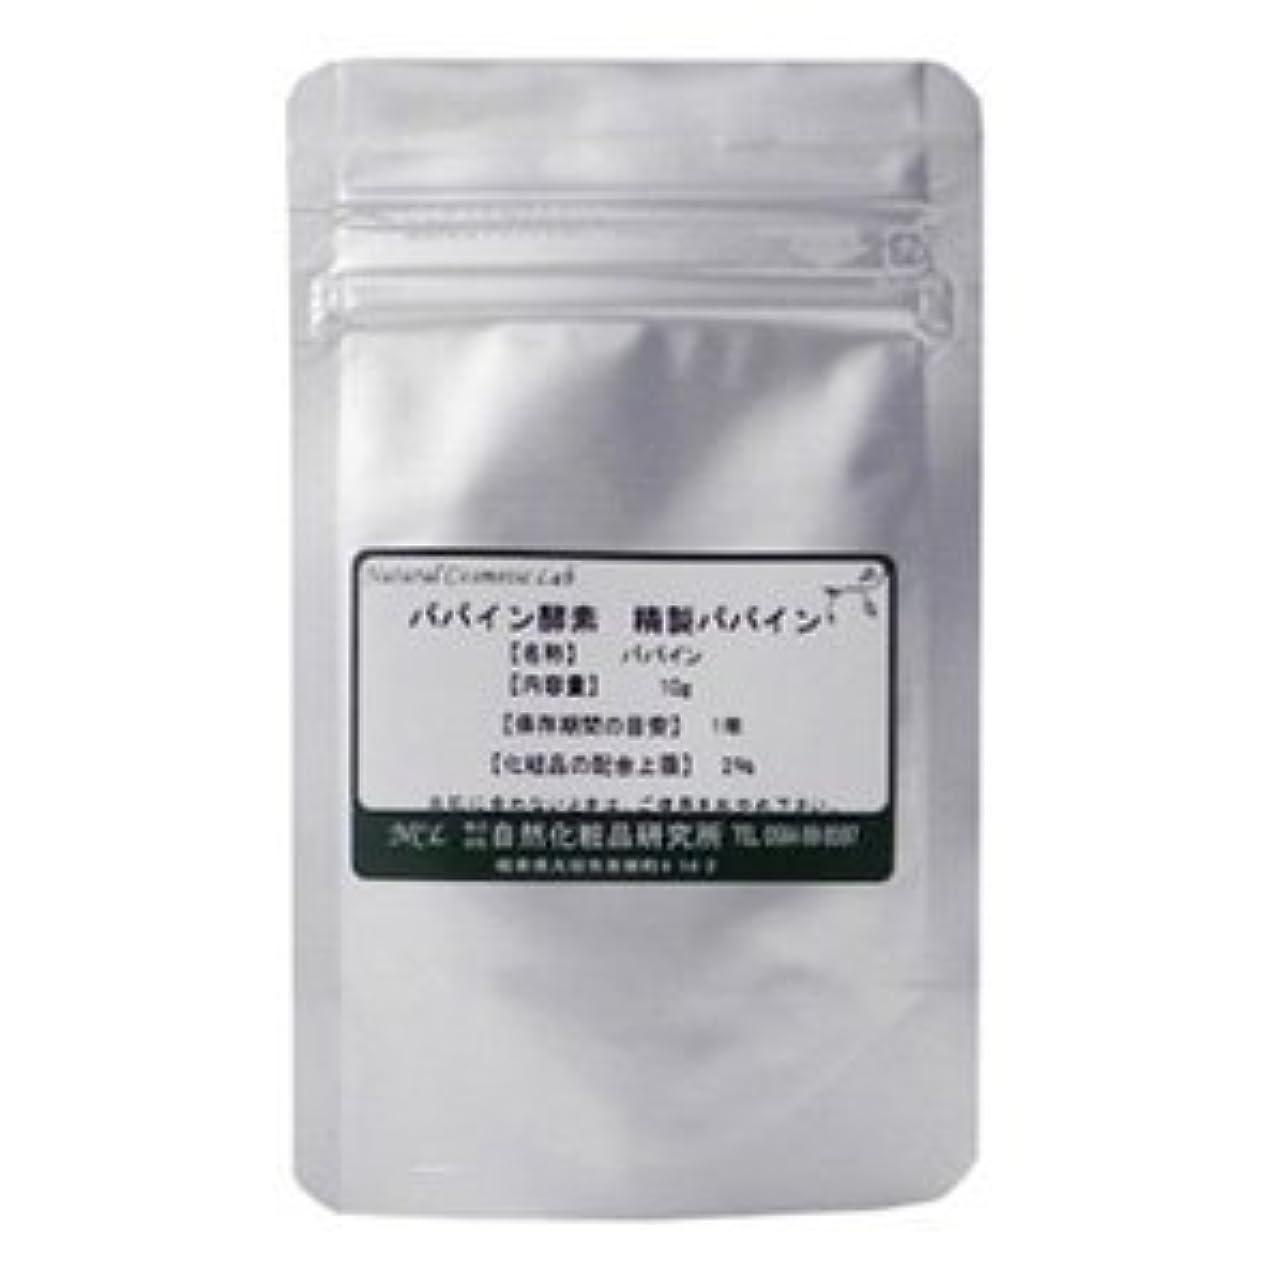 ハンディキャップ測定ピンチパパイン酵素 精製パパイン 10g 【手作り化粧品原料】